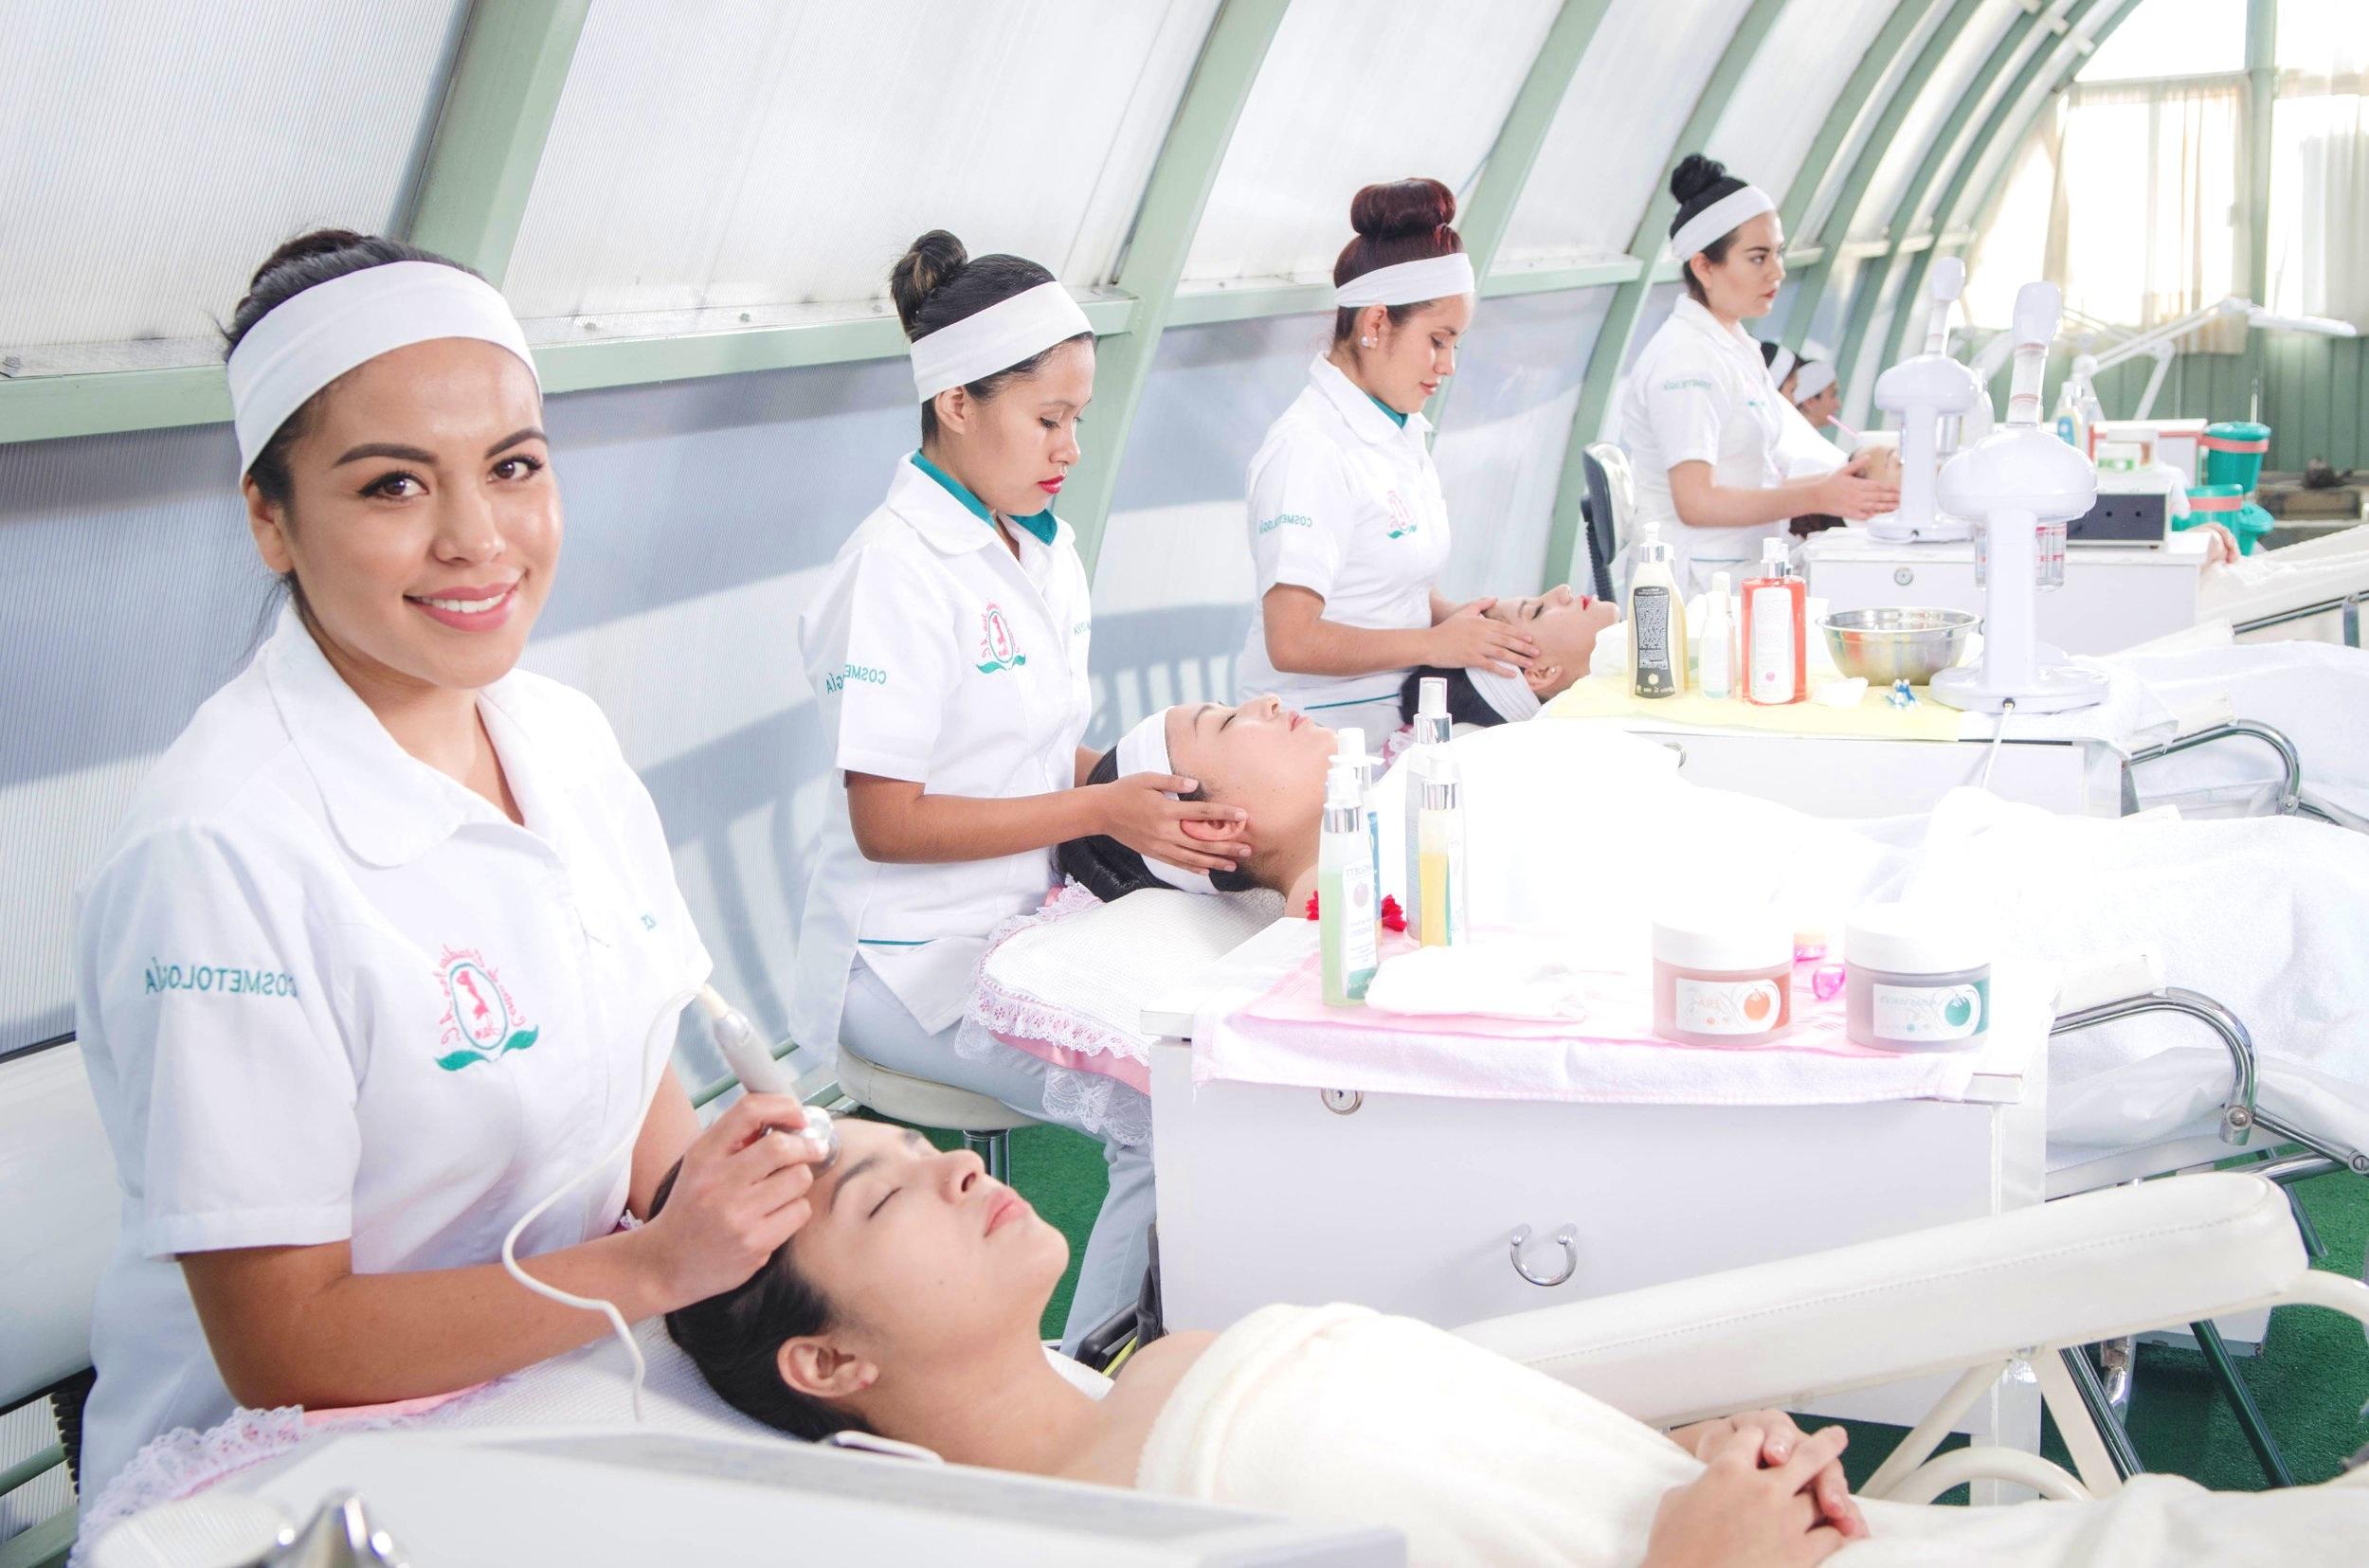 Vive la cultura de la belleza - Compartimos nuestra pasión por la cosmetología integral en el mundo profesional